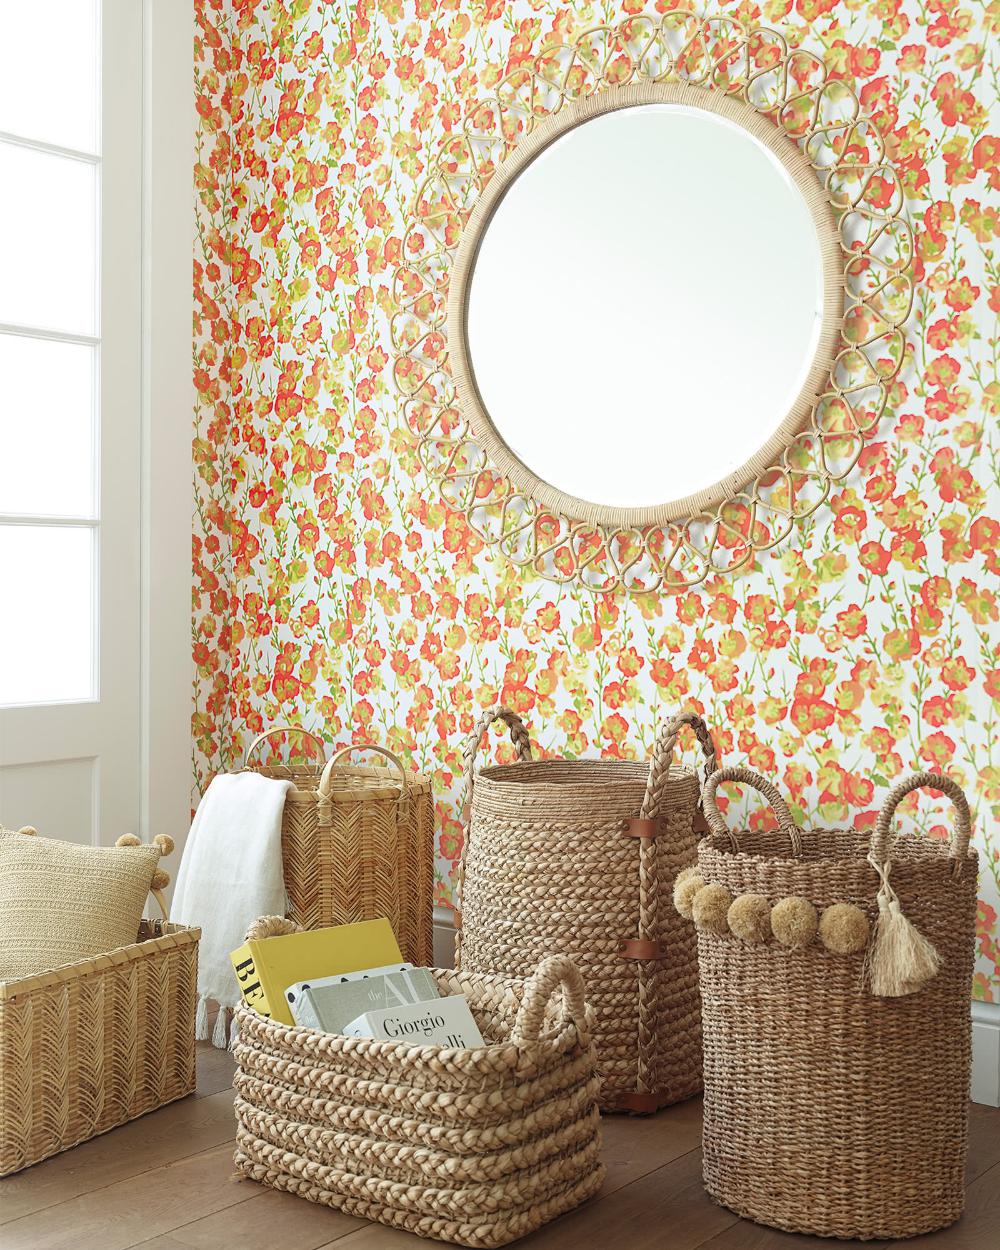 Fairfax Wallpaper In 2020 Home Improvement Wallpaper Diy Closet